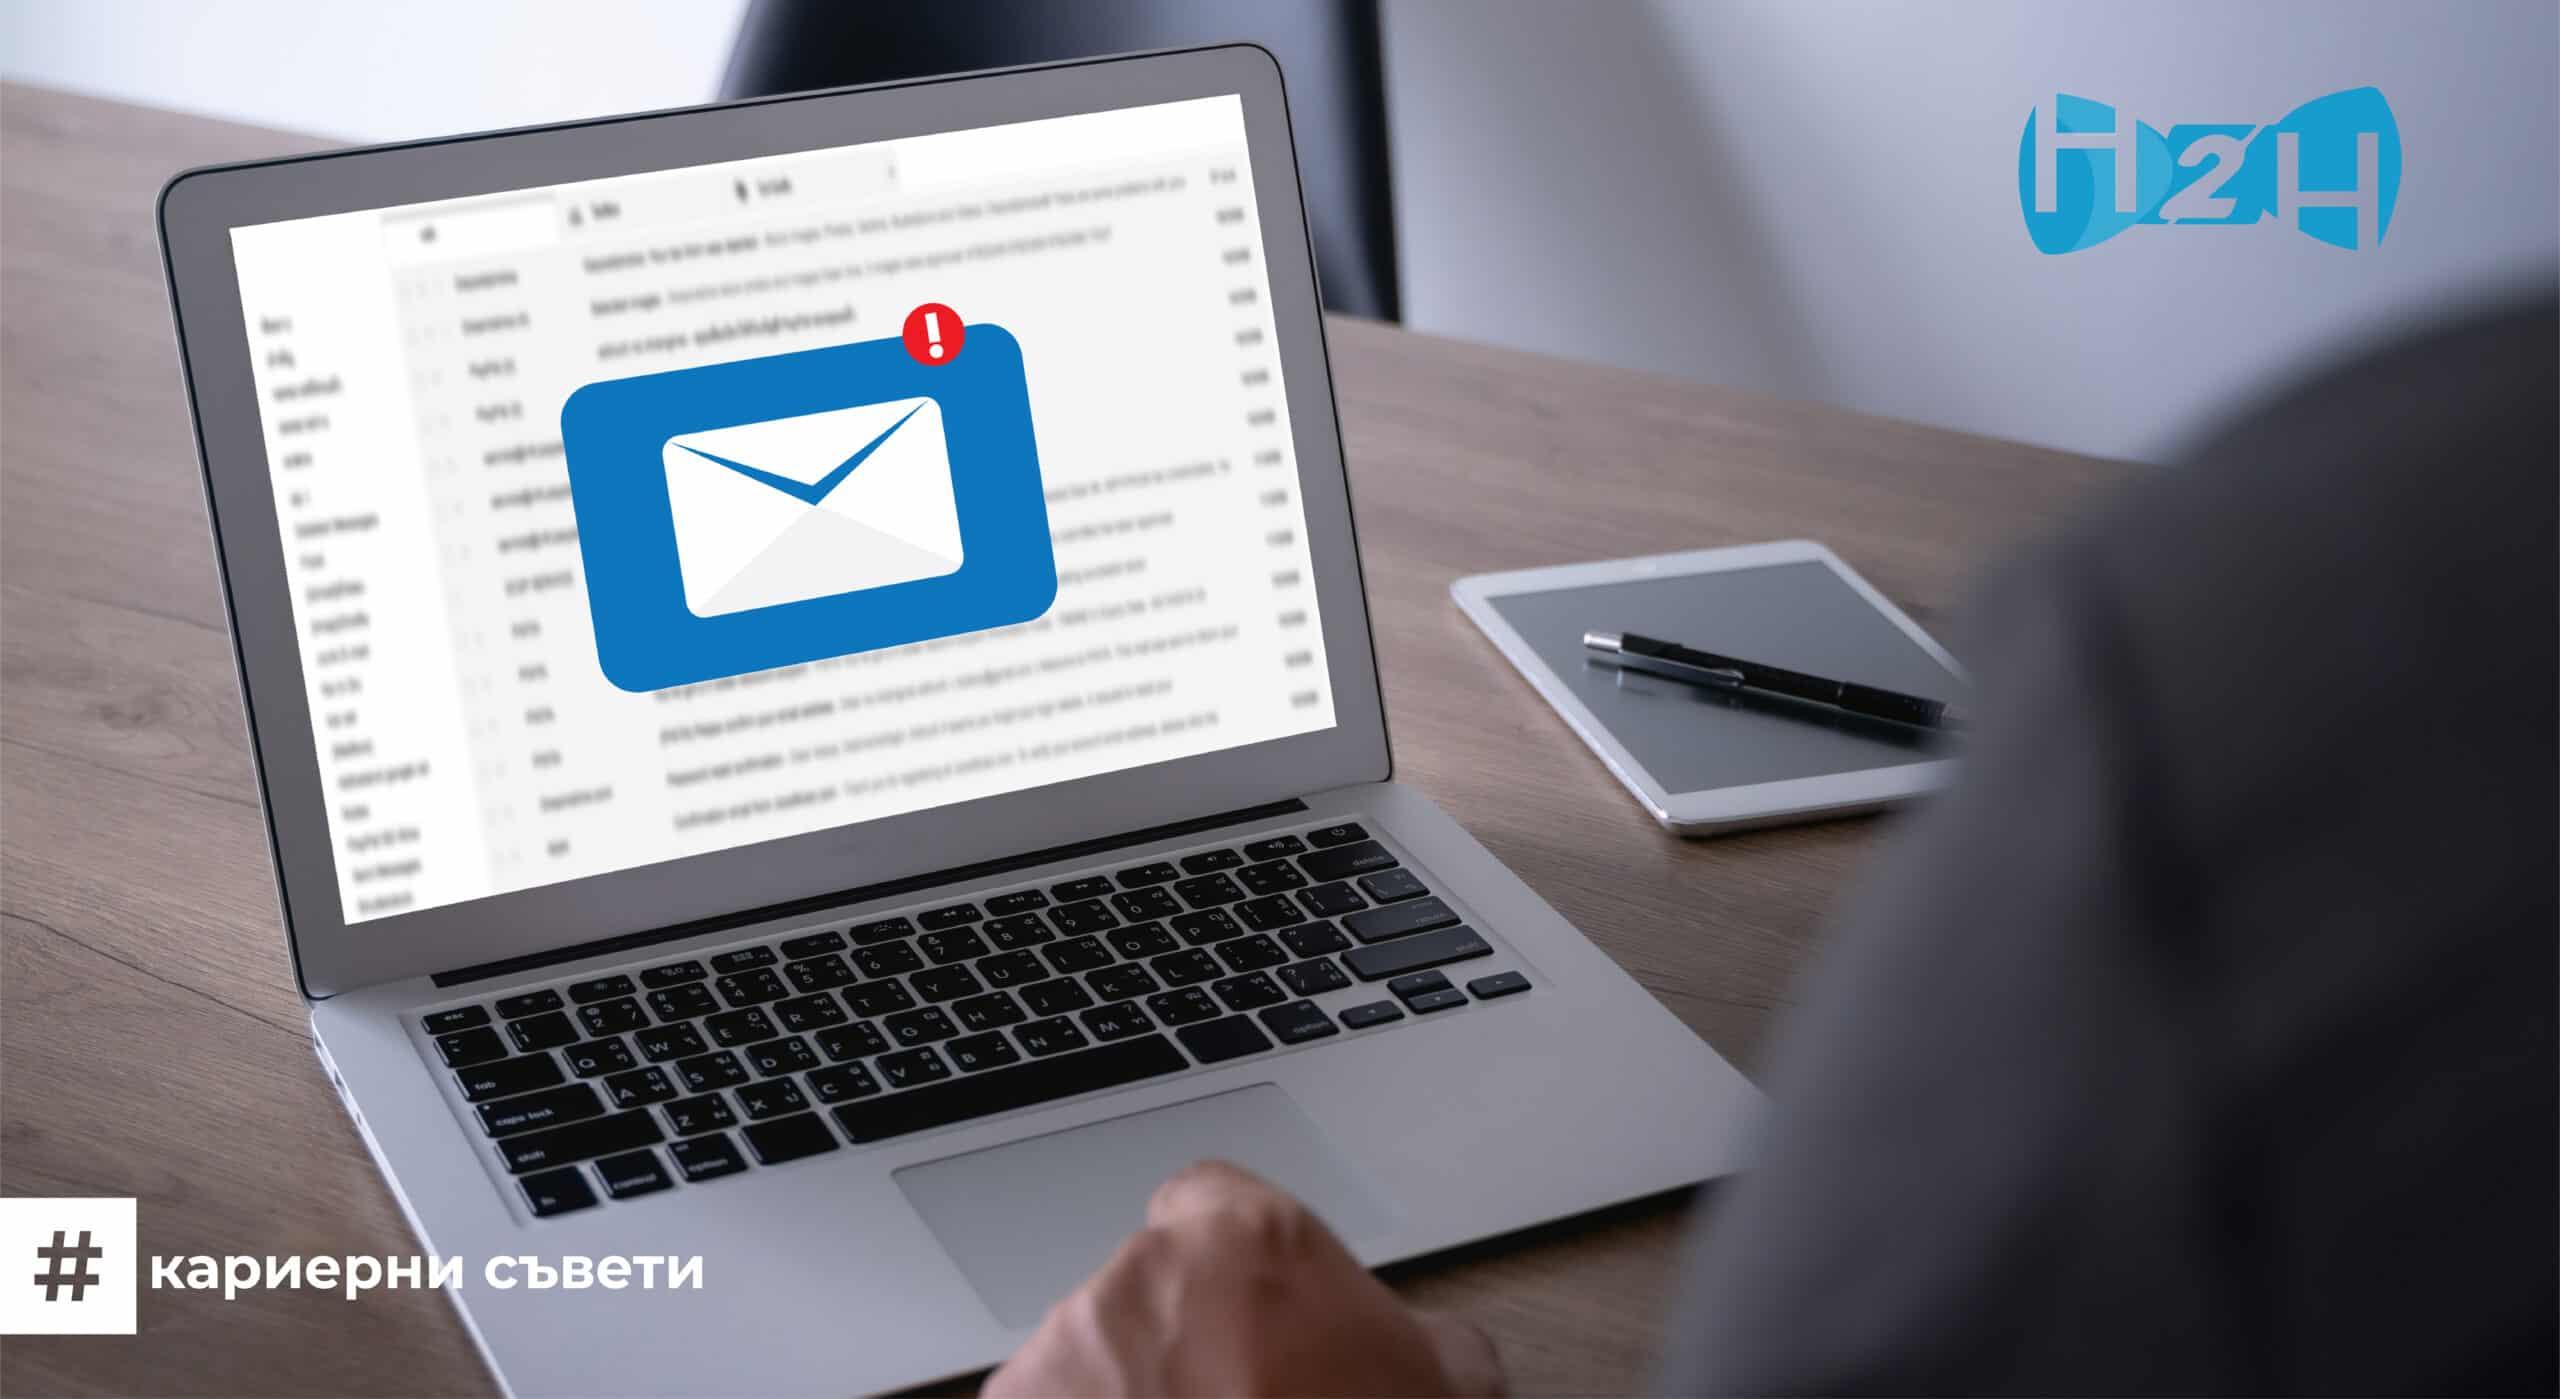 Бъдете уверени в писането на имейли